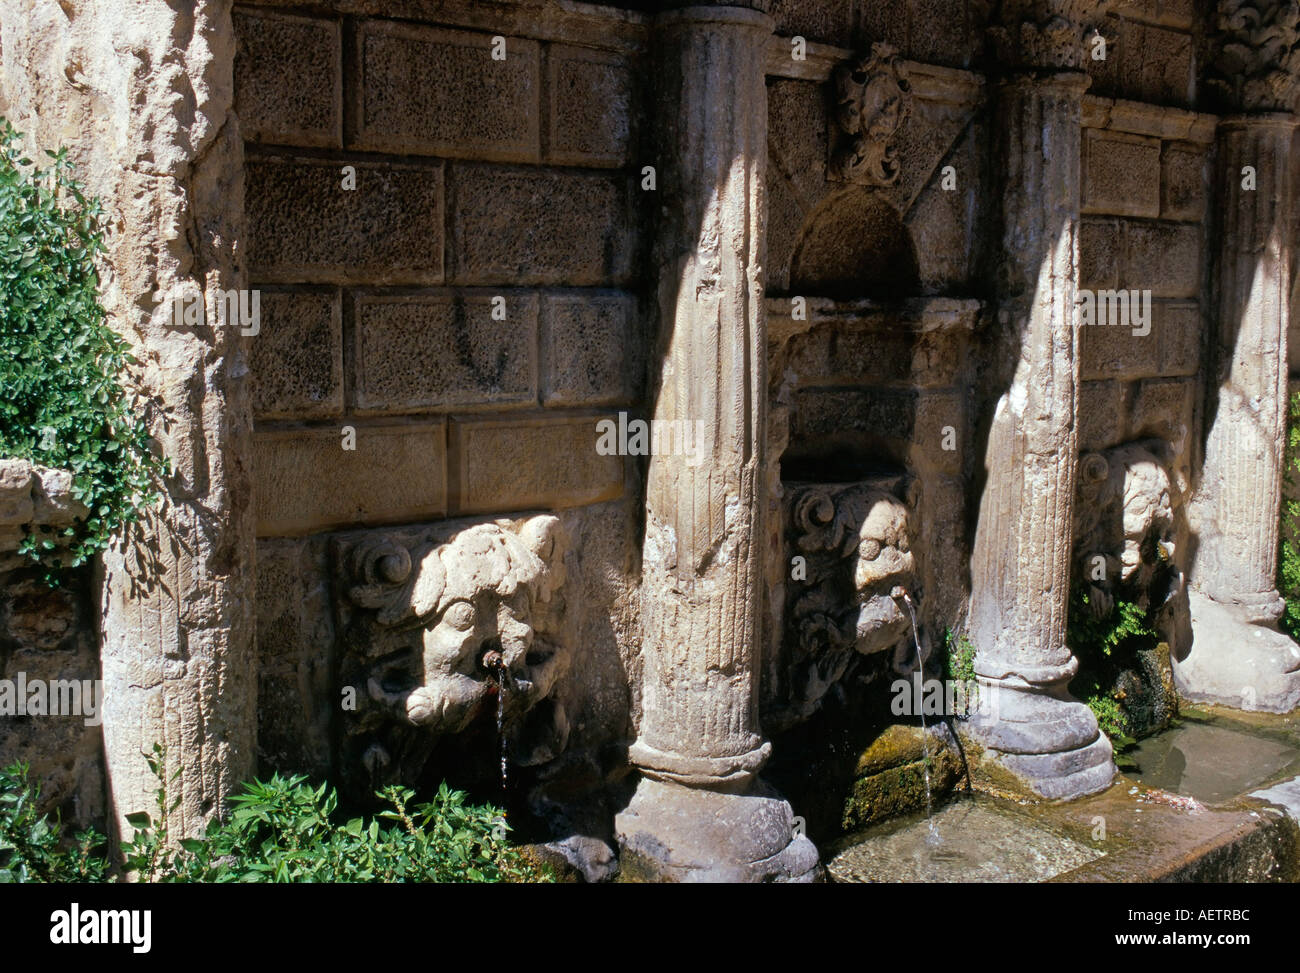 Rimondi fountain with spouting lion heads Venetian heritage Rethymno Rethymnon island of Crete Greece Mediterranean Europe - Stock Image